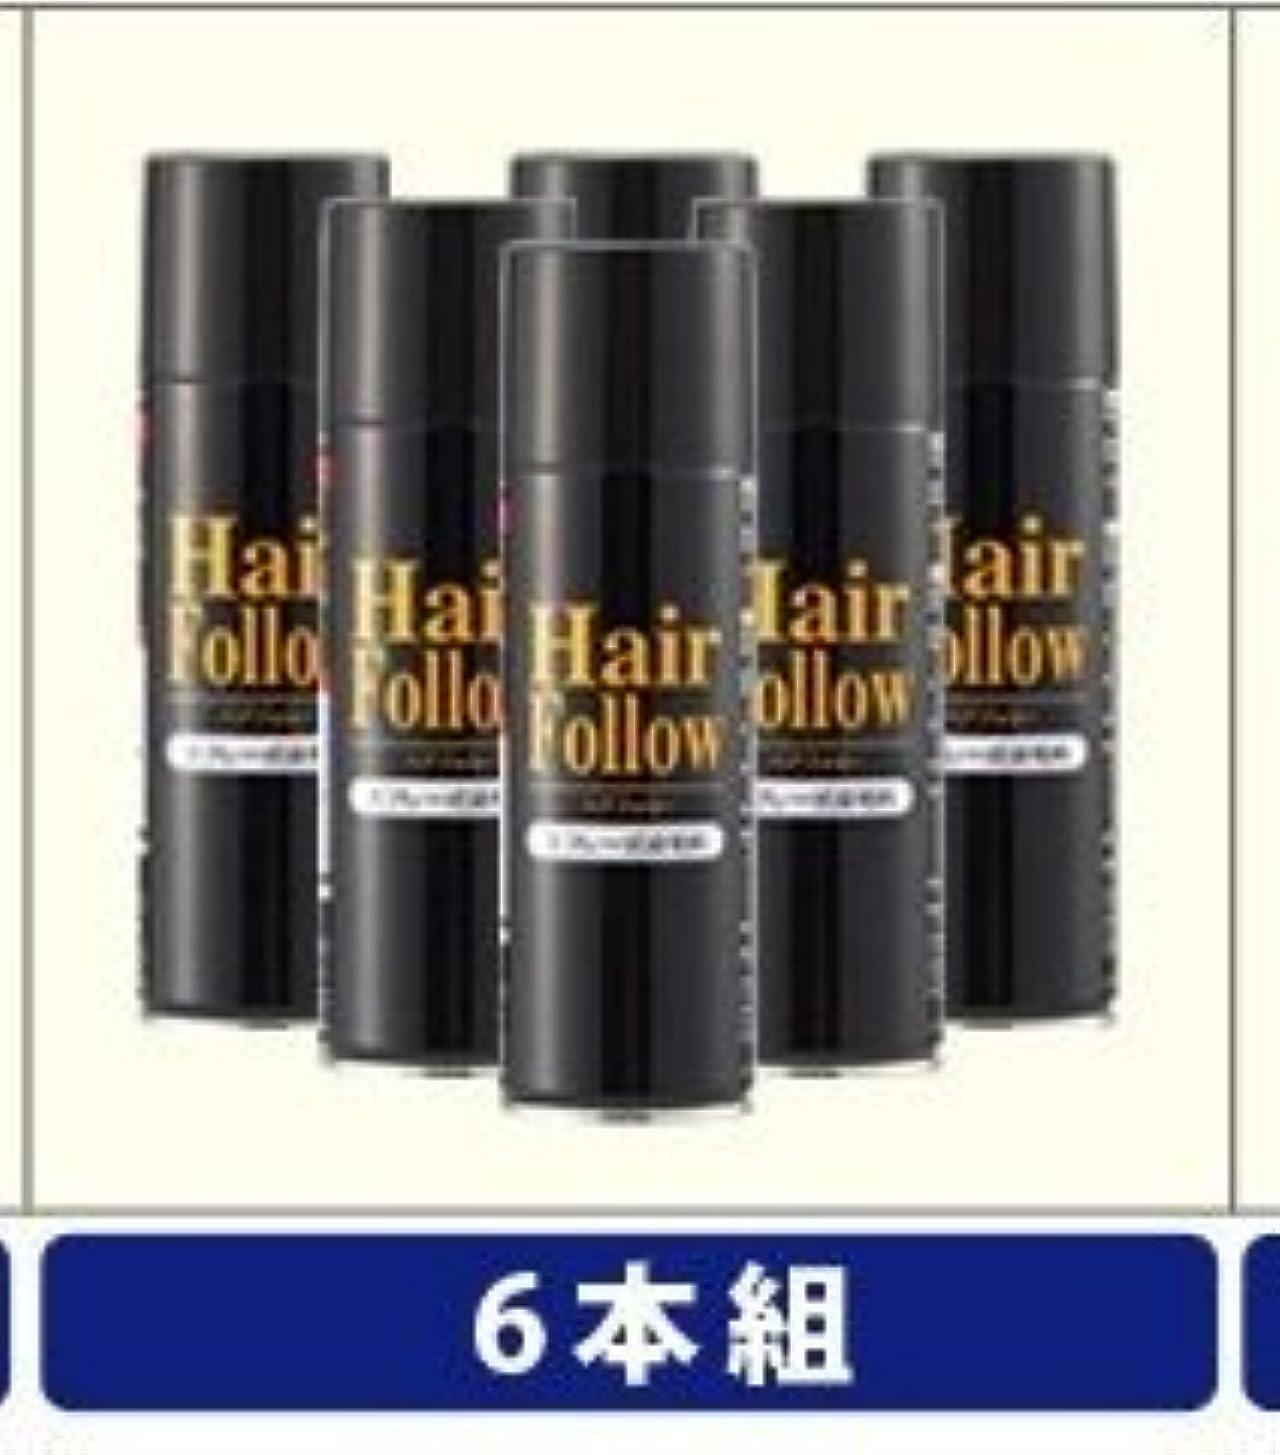 コンベンション反逆説得力のあるNEW ヘアフォロー スプレー ブラック スプレー式染毛料 自然に薄毛をボリュームアップ!薄毛隠し かつら (6本)